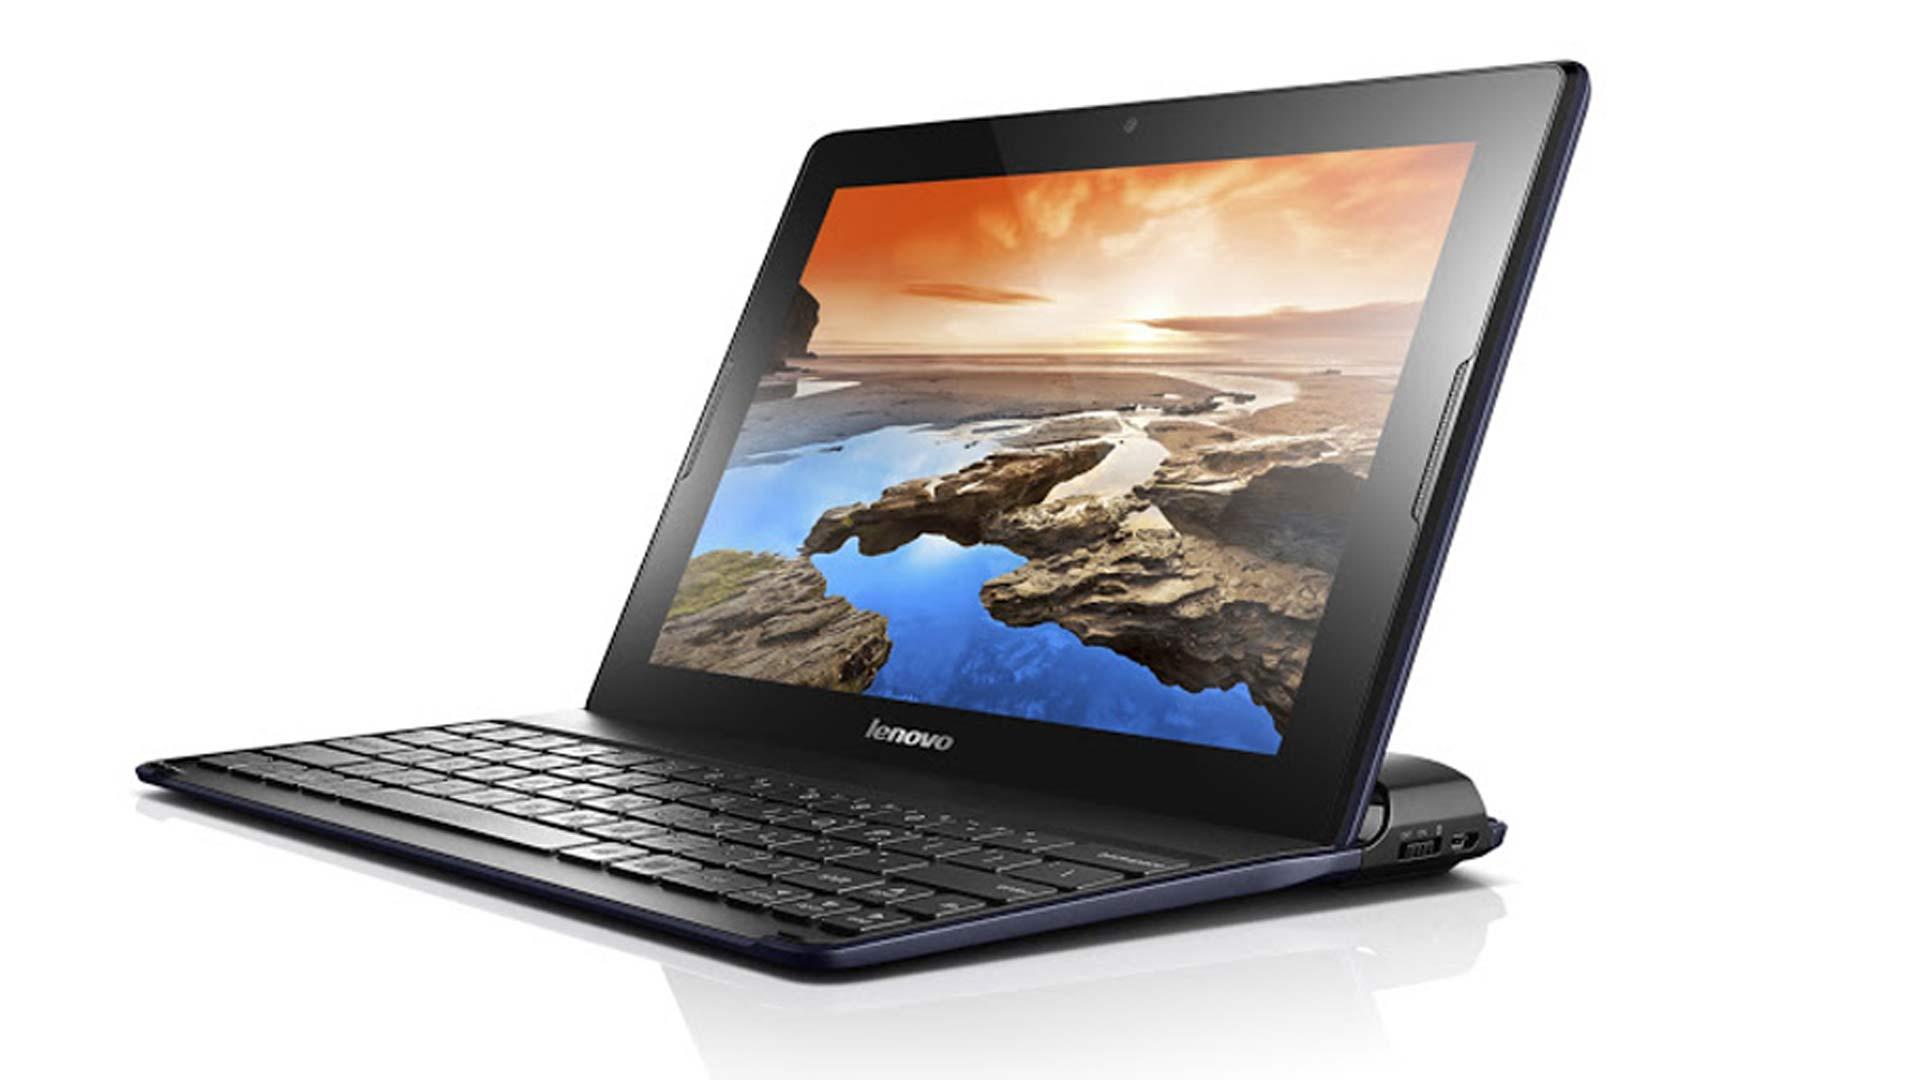 bon plan la tablette lenovo tab a10 70 propos e 159 avec un clavier offert. Black Bedroom Furniture Sets. Home Design Ideas